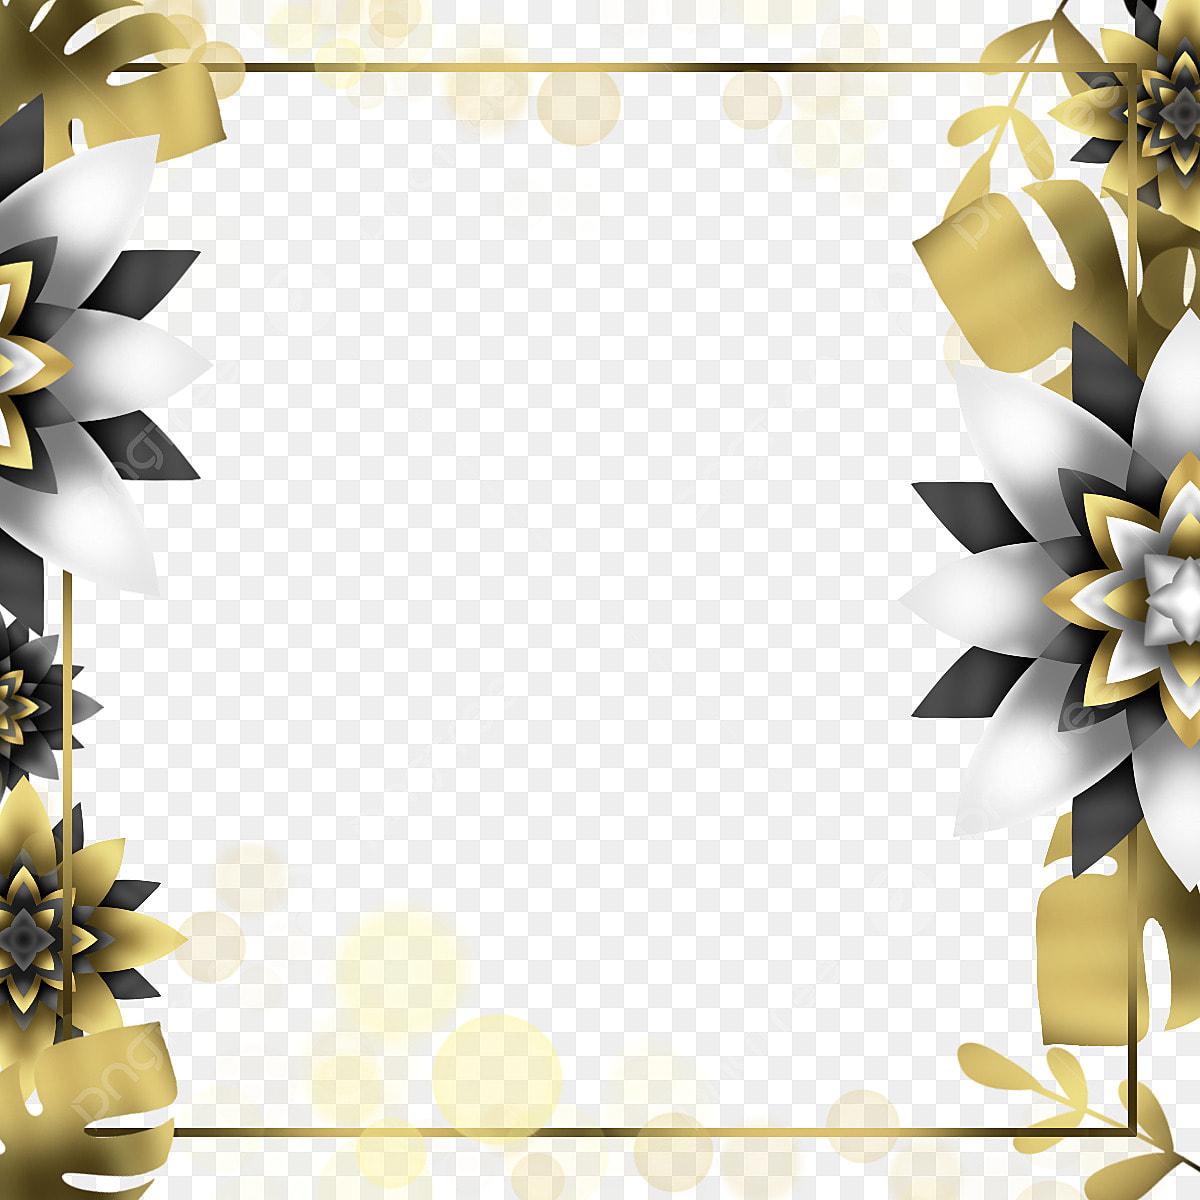 Modern Golden Wedding Border Frame Clip Art Wedding Frame Png Transparent Clipart Image And Psd File For Free Download